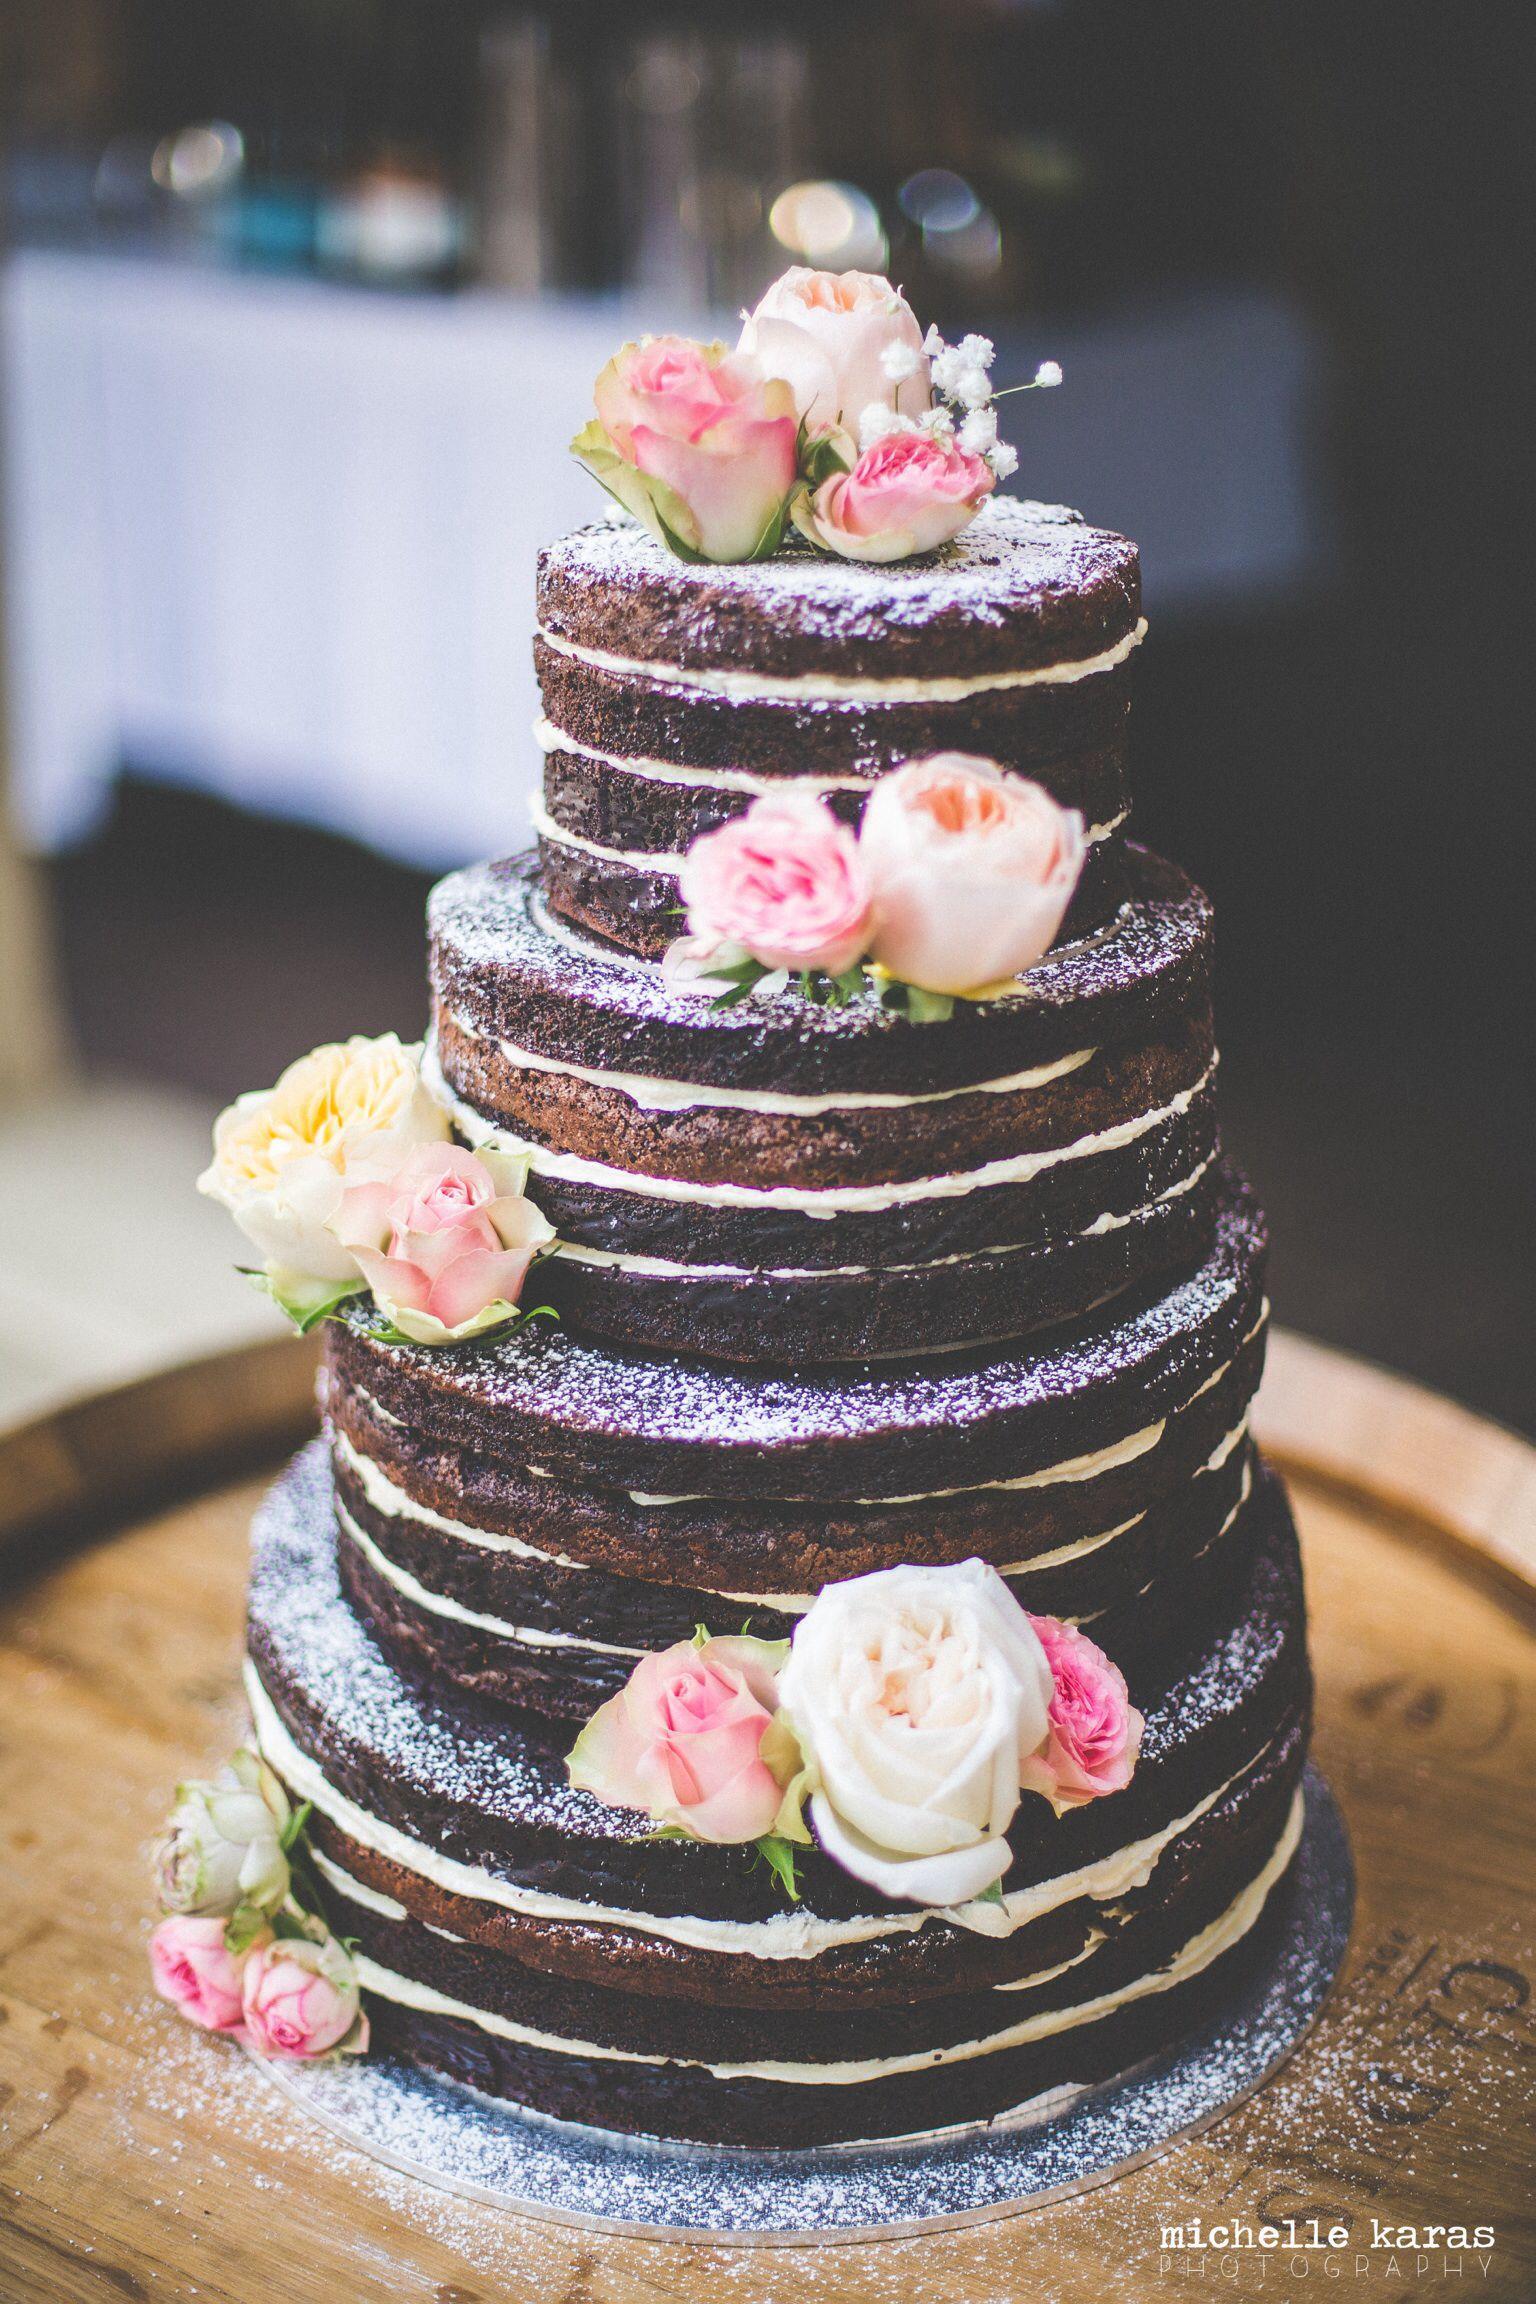 31 Beautiful Naked Wedding Cake Ideas For 2016 Dark Chocolate - Harga Dummy Wedding Cake